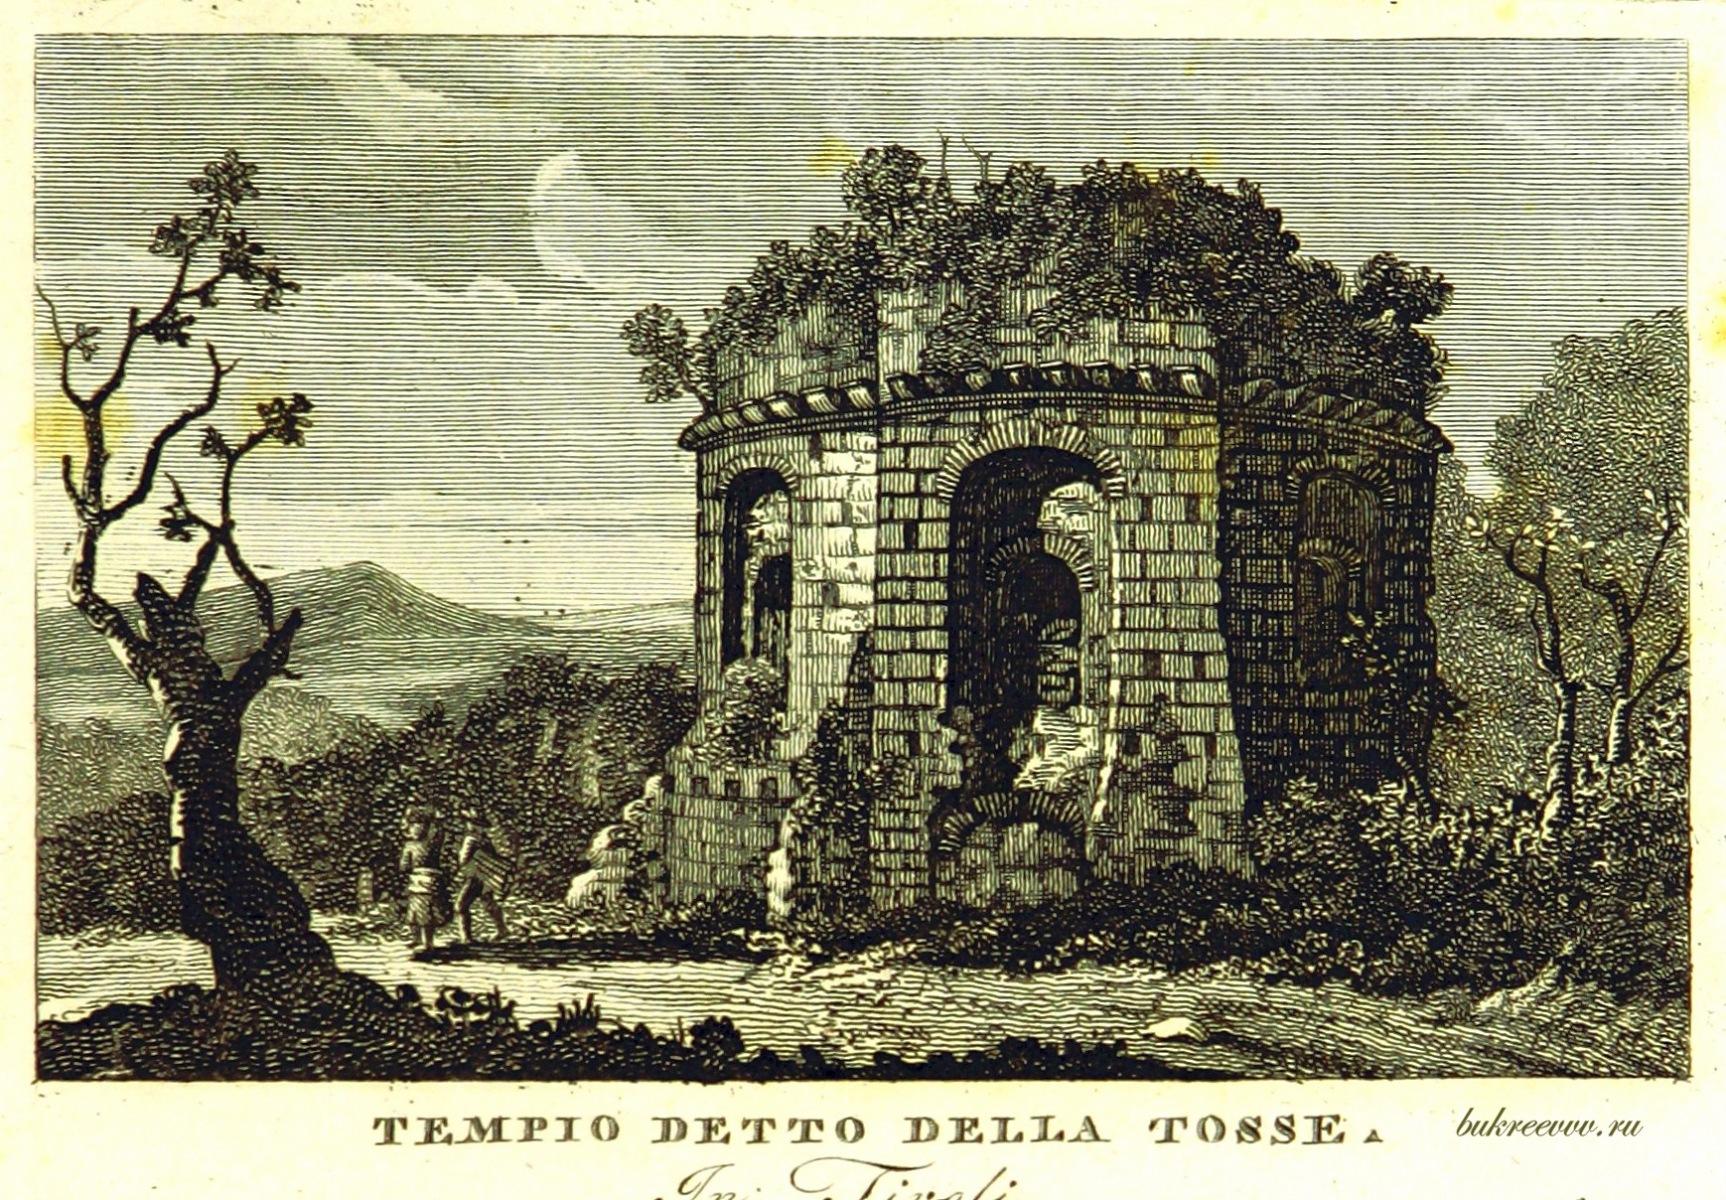 Tempio della Tosse 26